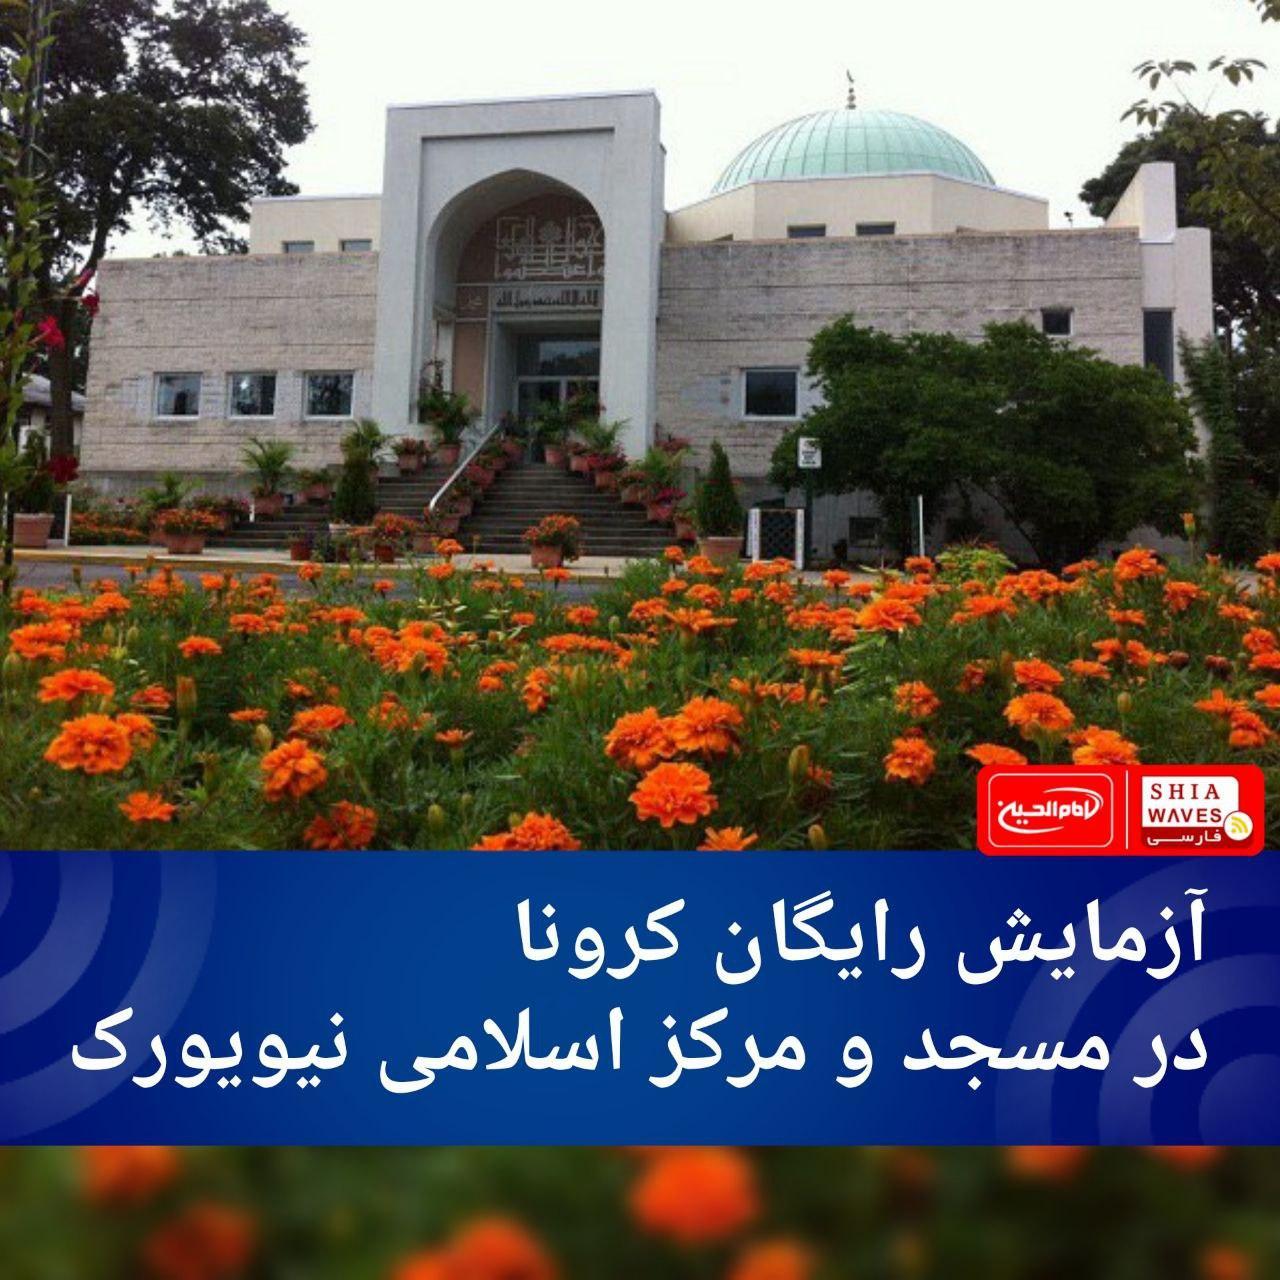 تصویر آزمایش رایگان کرونا در مسجد و مرکز اسلامی نیویورک